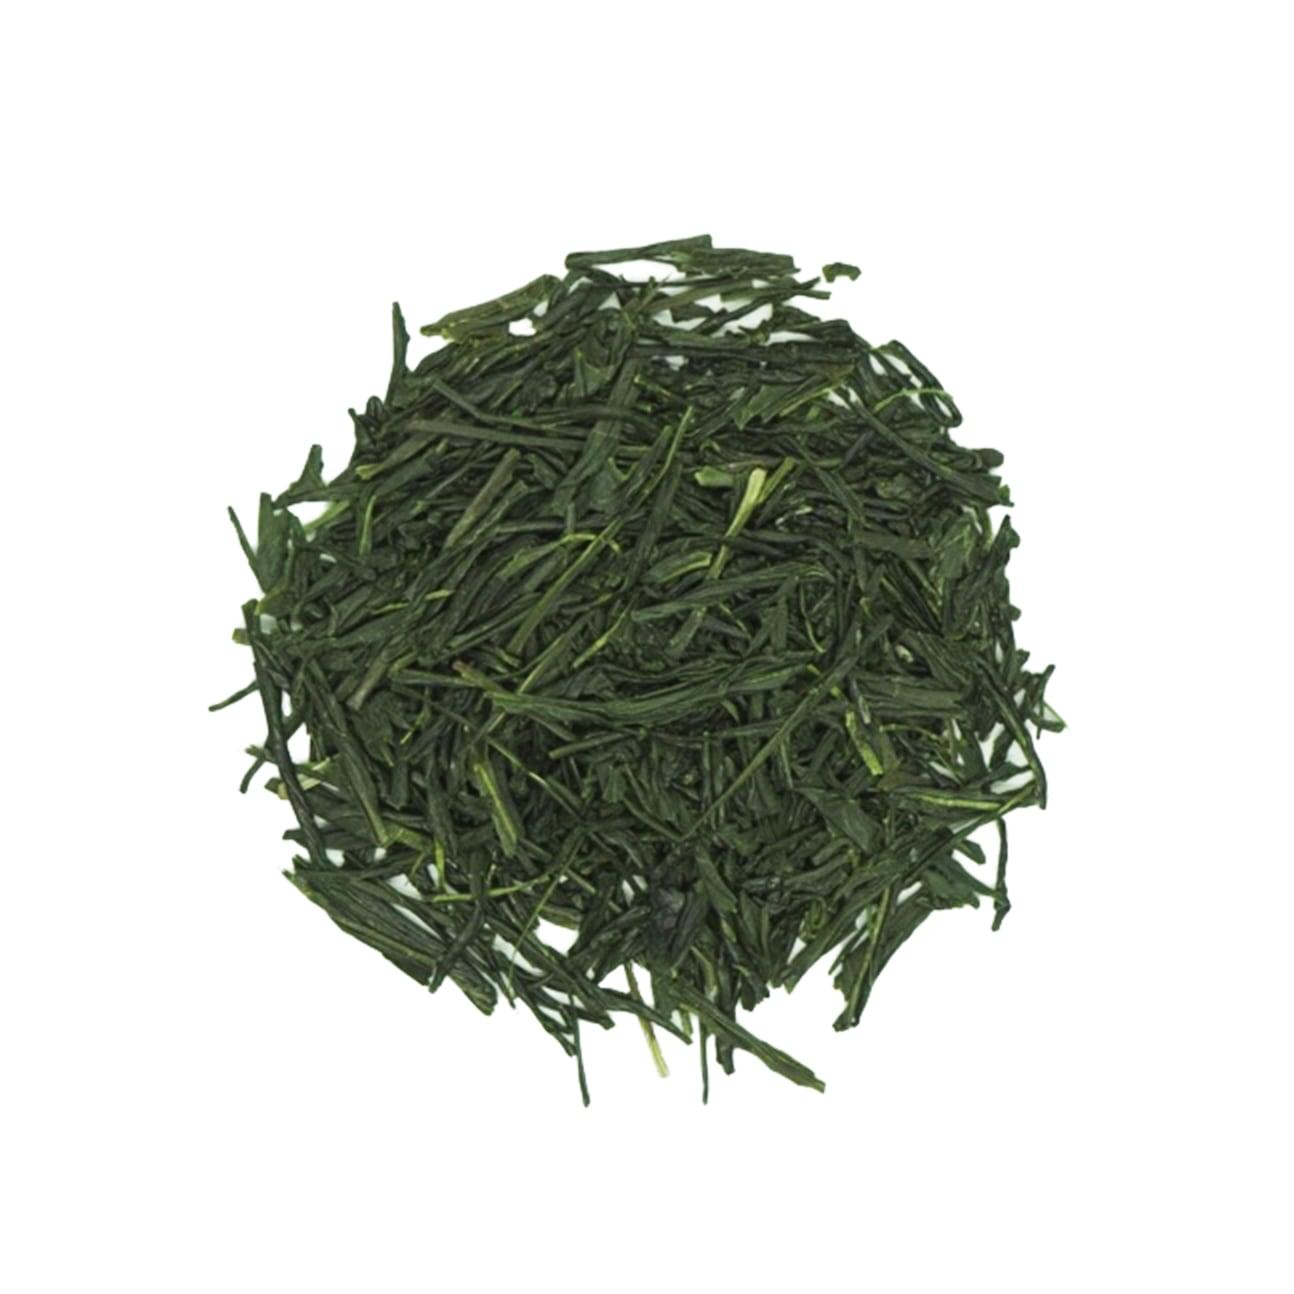 【法人様向け】浅蒸し煎茶 100g